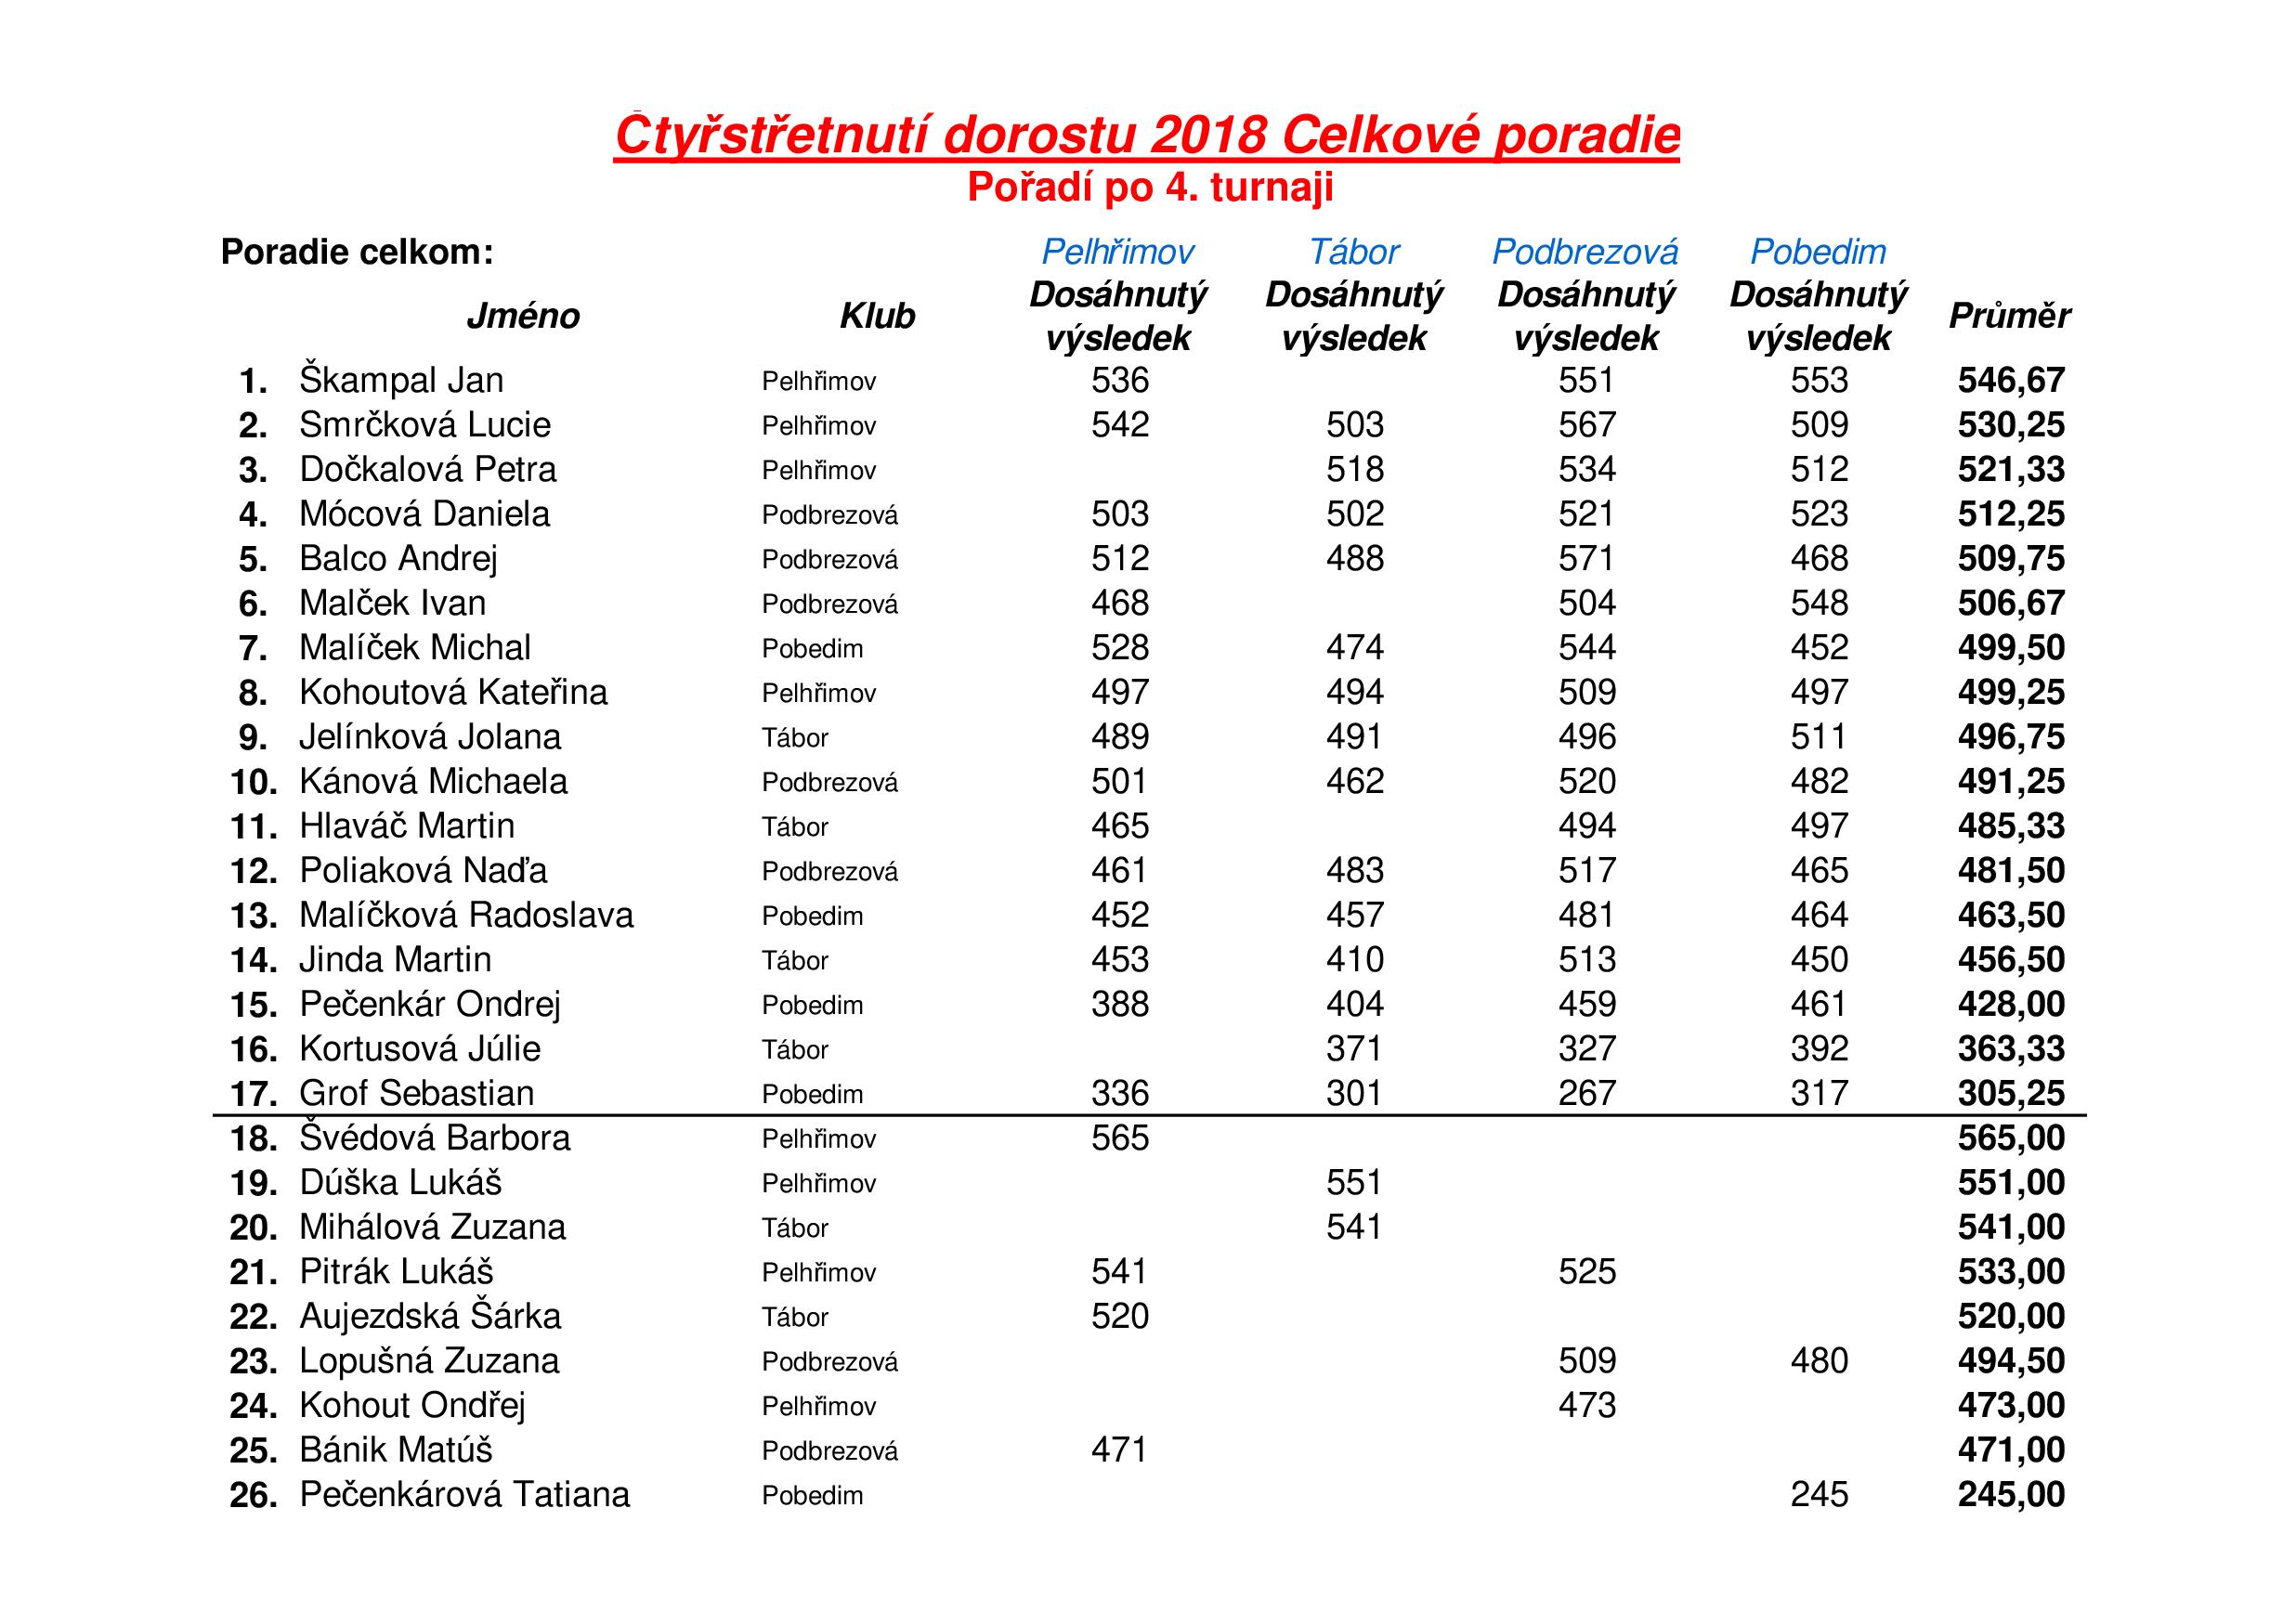 čtyřstřetnutí PEL-TAB-POD-POB 2018 konečné výsledky.png